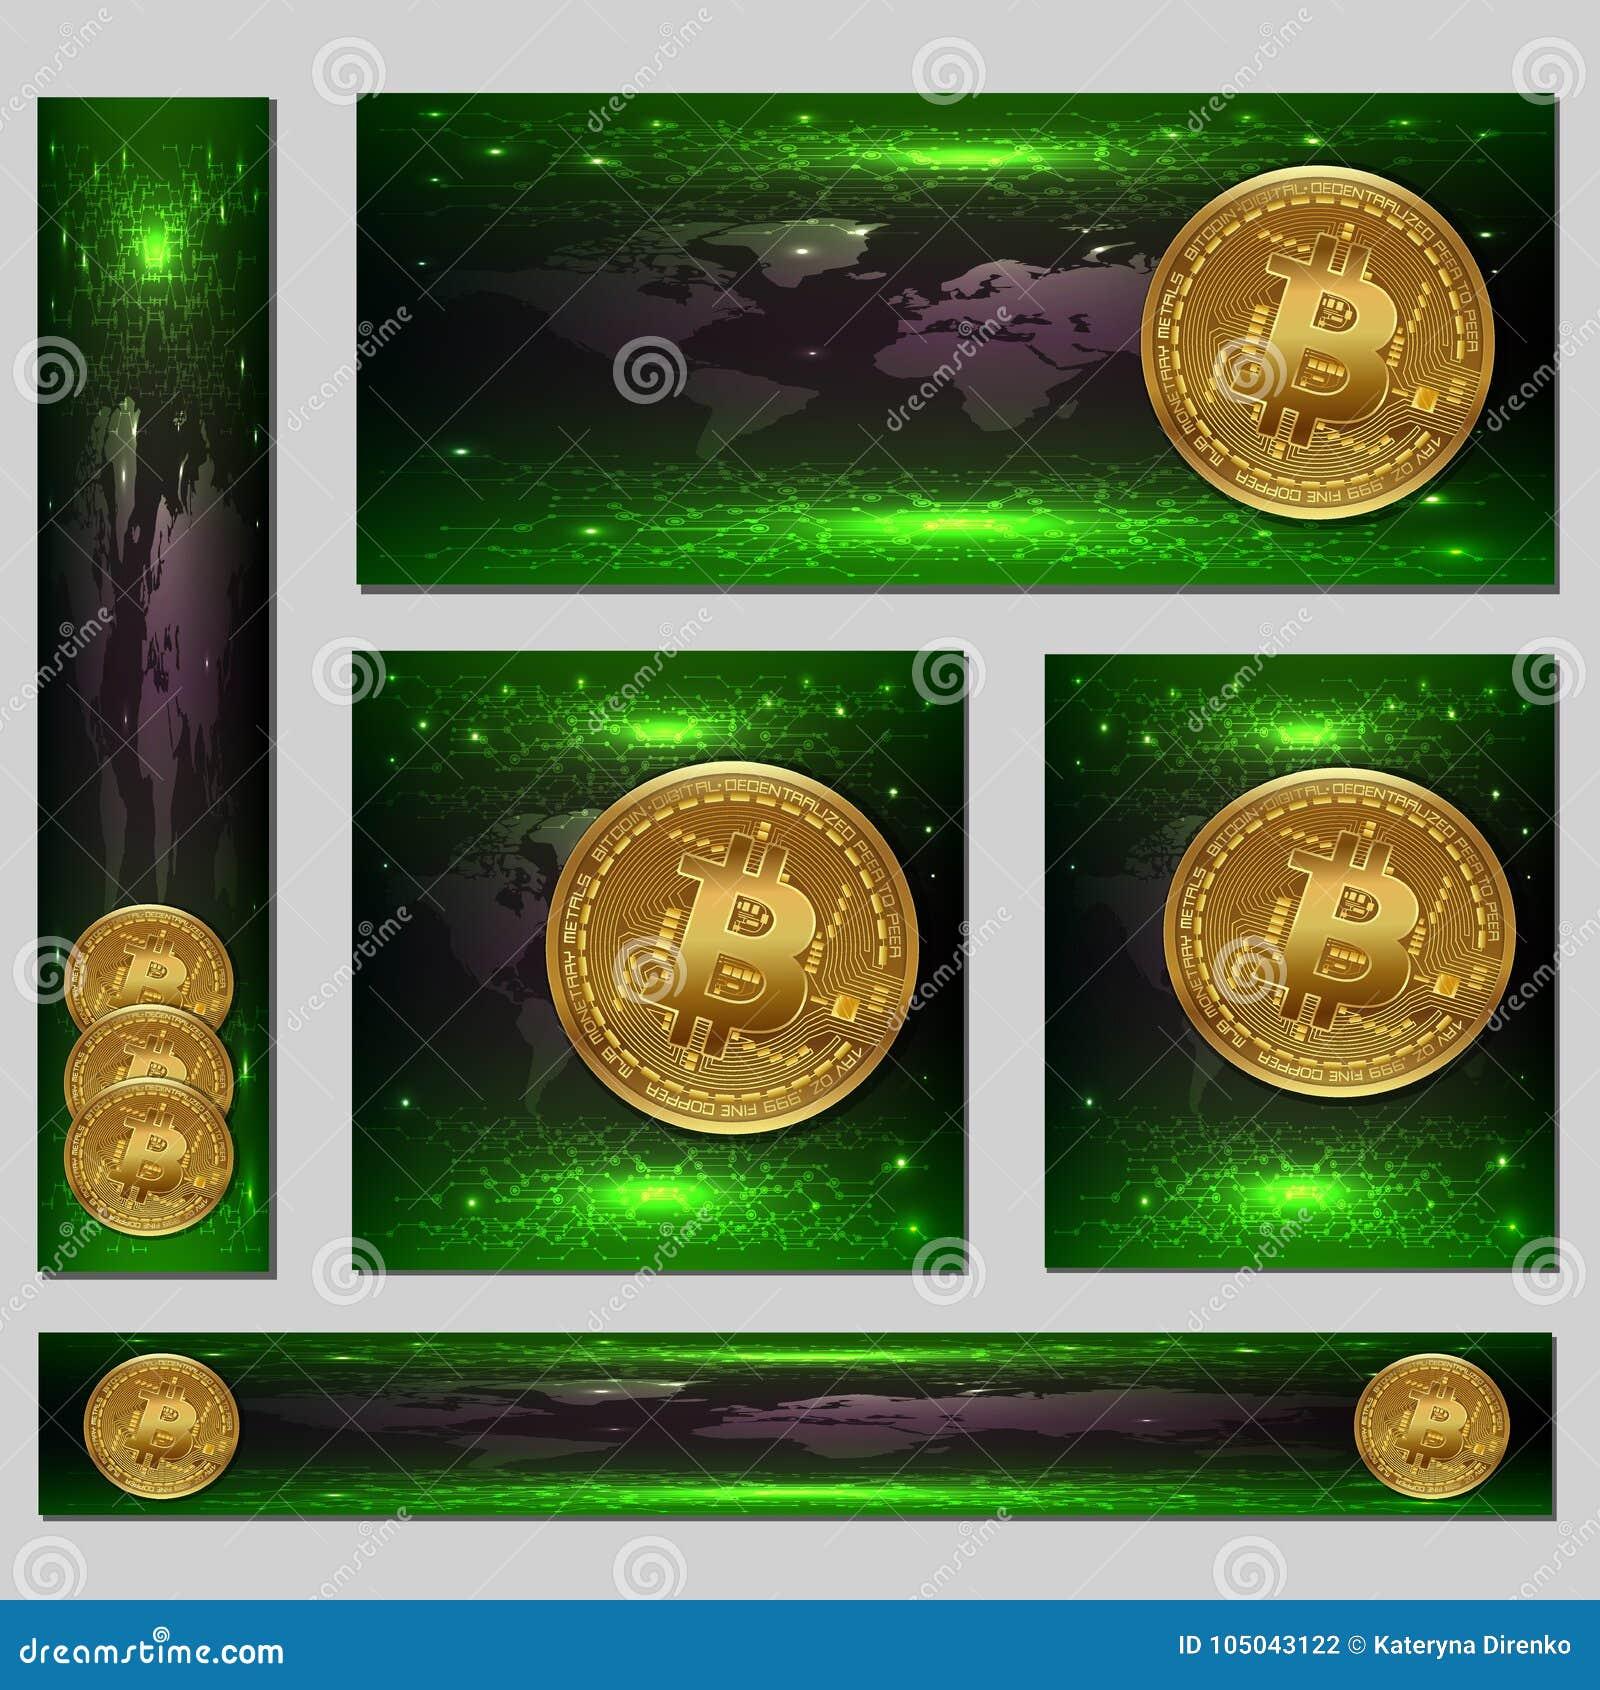 cum se utilizează bitcoin core cum logit este bitcoin trader